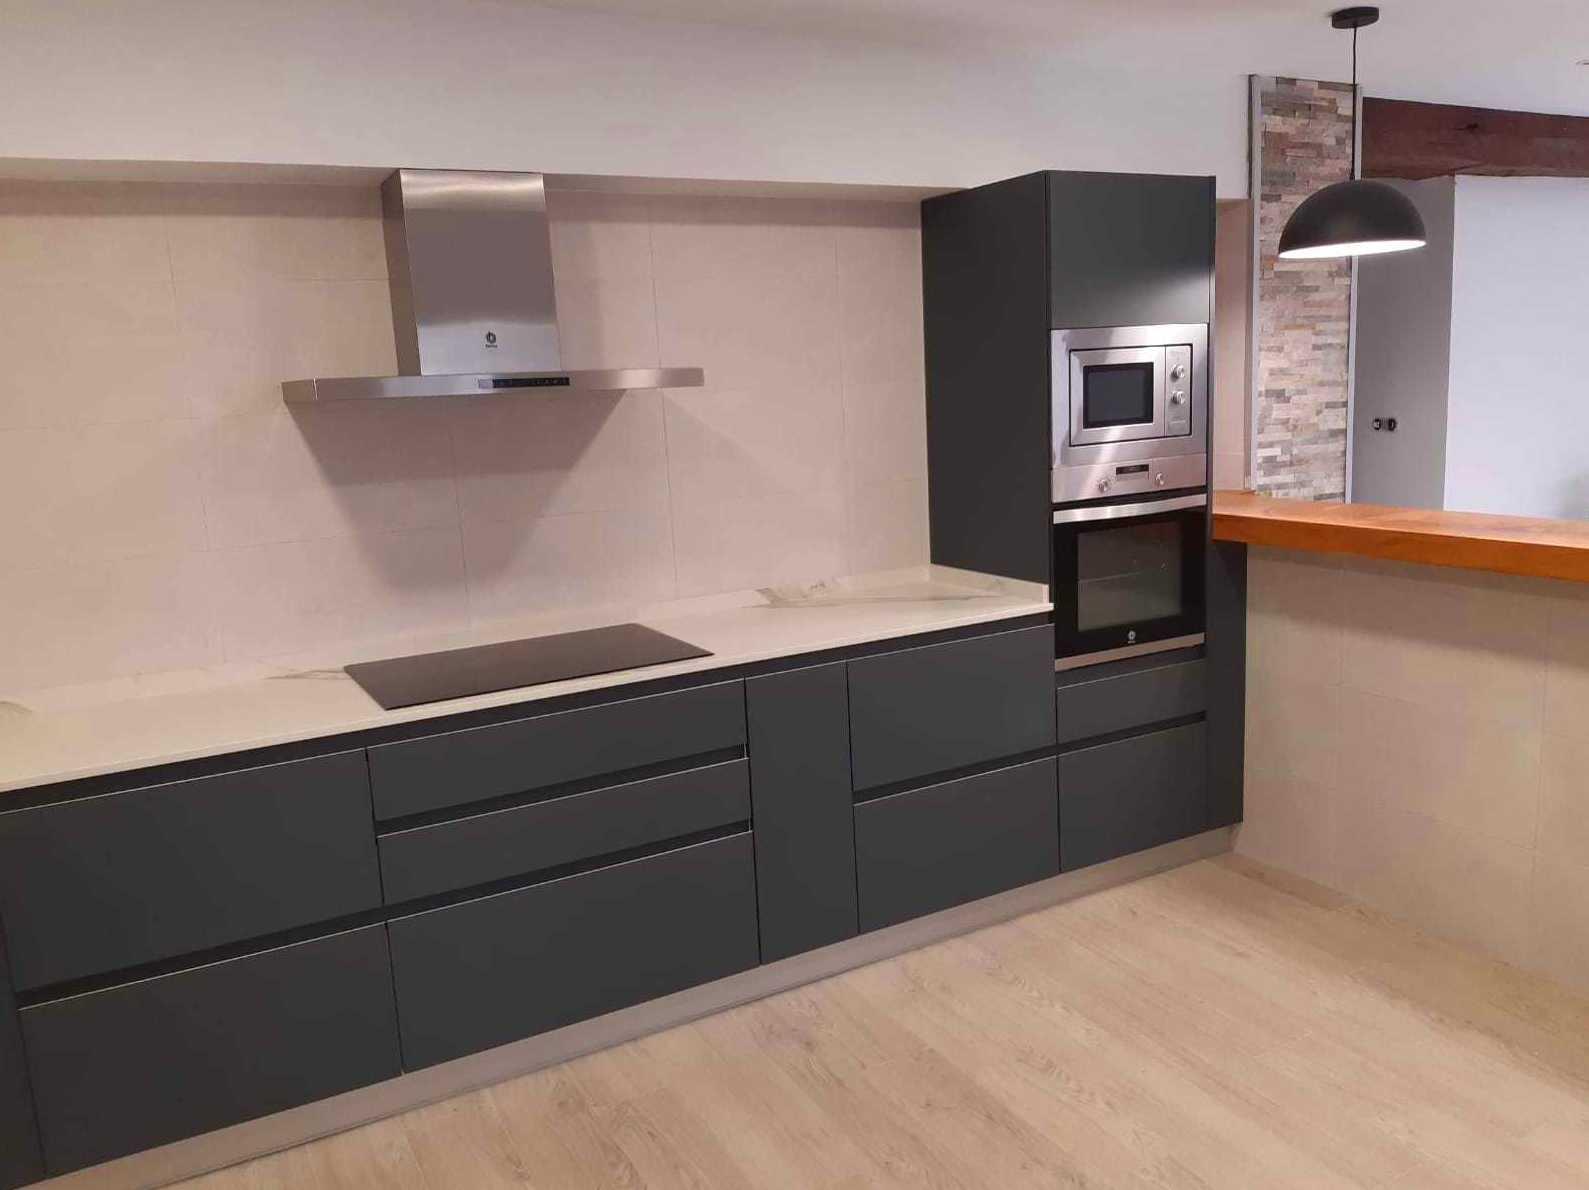 Foto 45 de Electrodomésticos y muebles en  | Electrodomésticos Miguelena